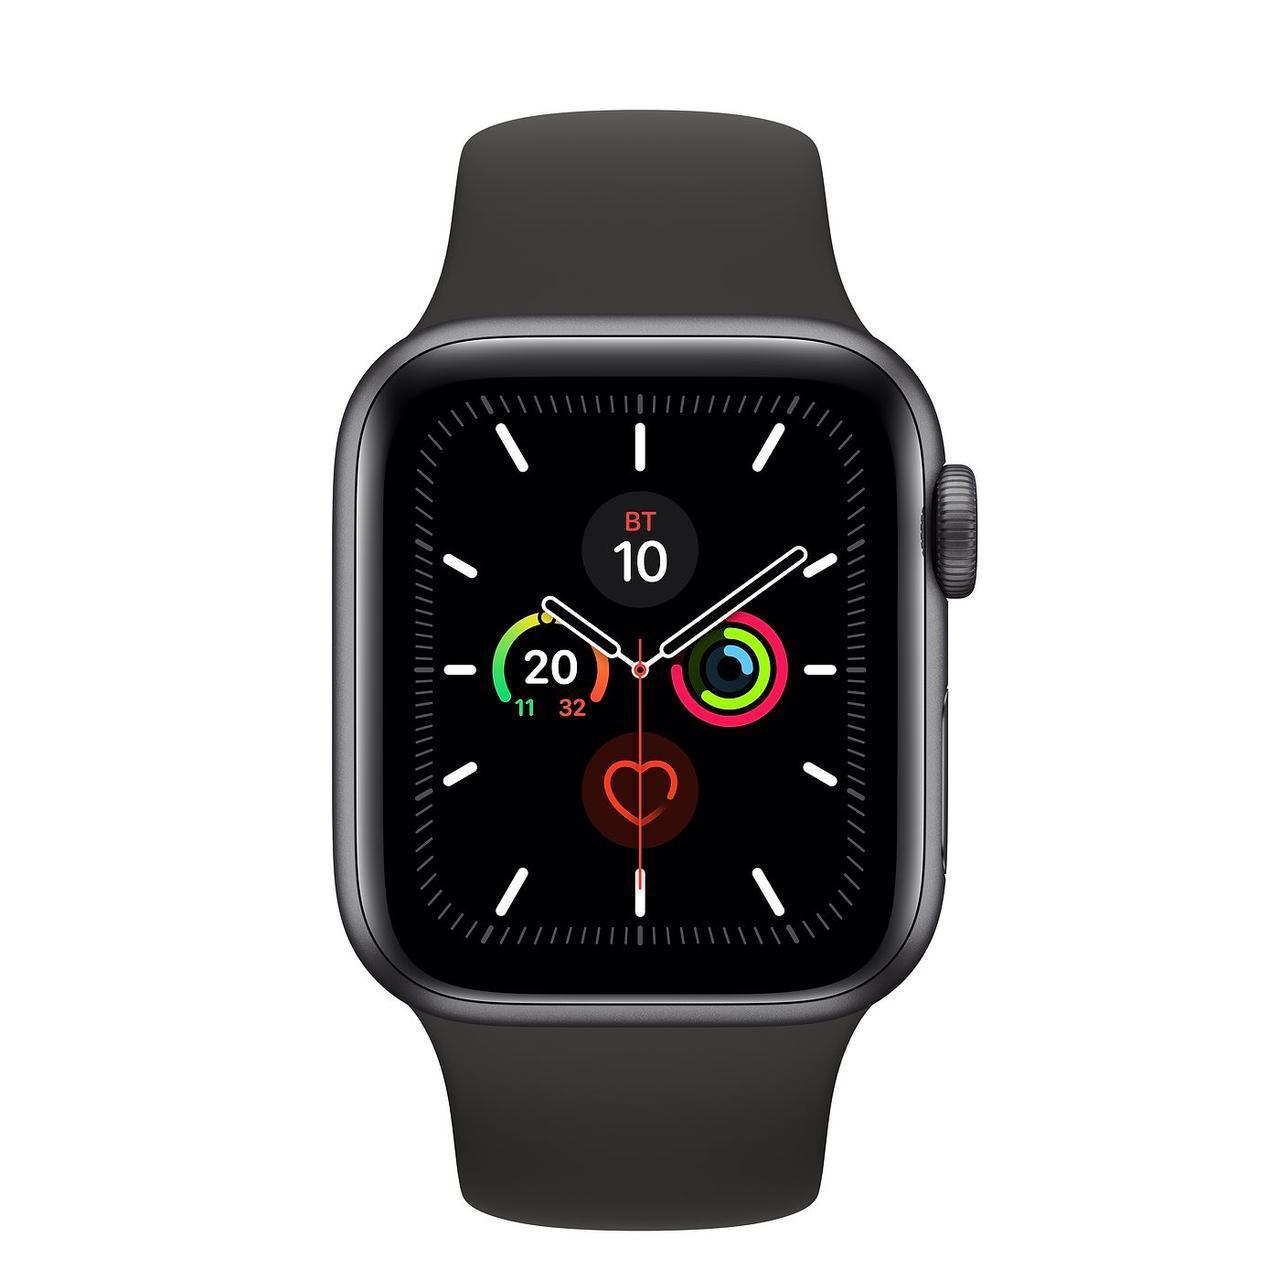 Apple Watch Series 5, 44 мм, корпус из алюминия цвета «серый космос», спортивный браслет чёрного цвета